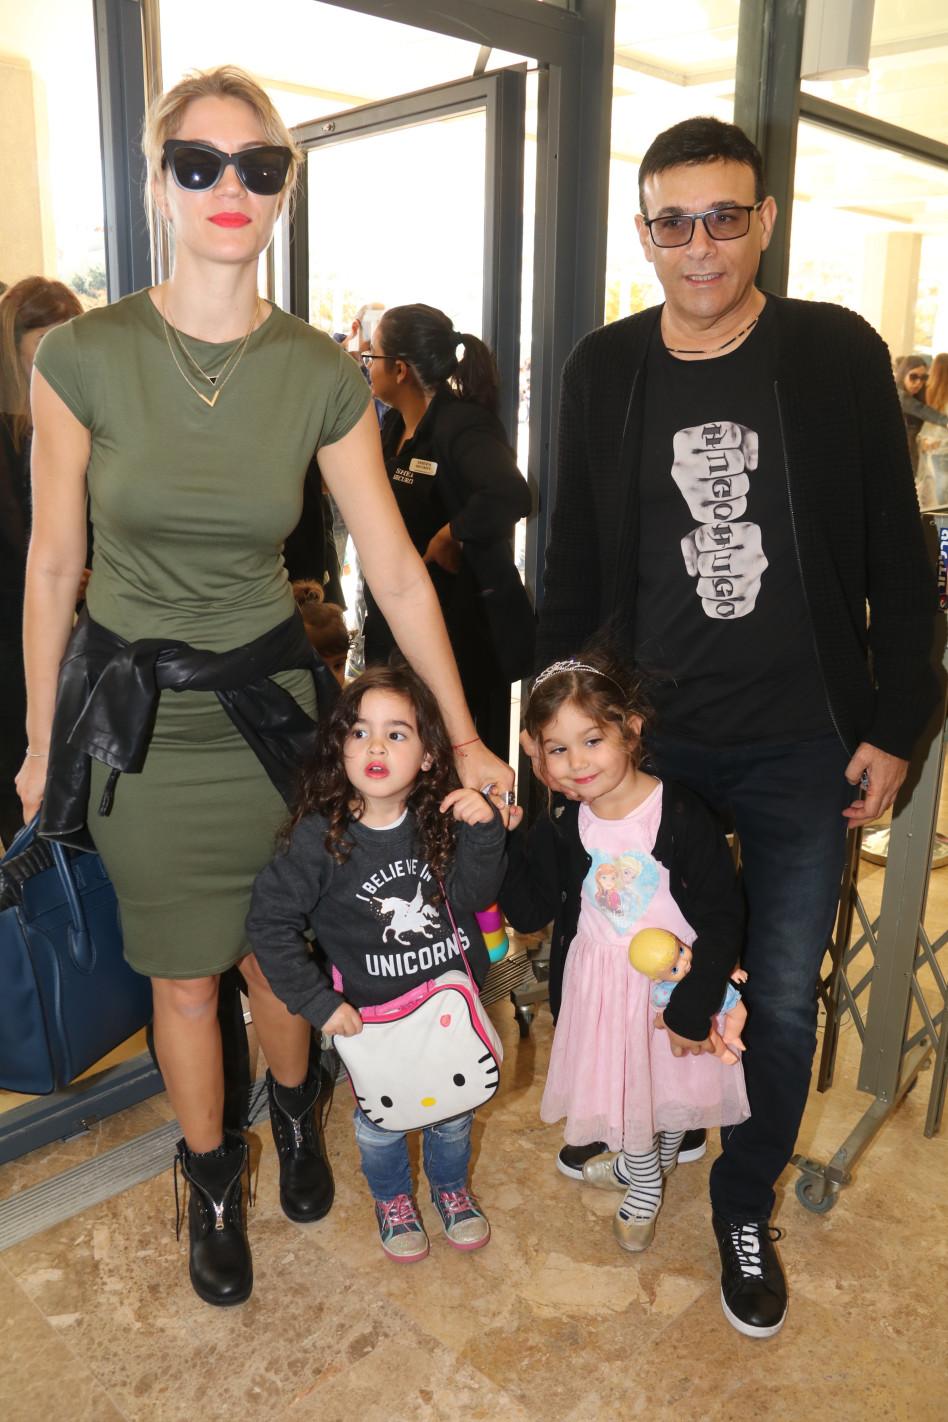 משפחה בסטייל. רוני מאנה ג'ני צ'רוואני והילדים